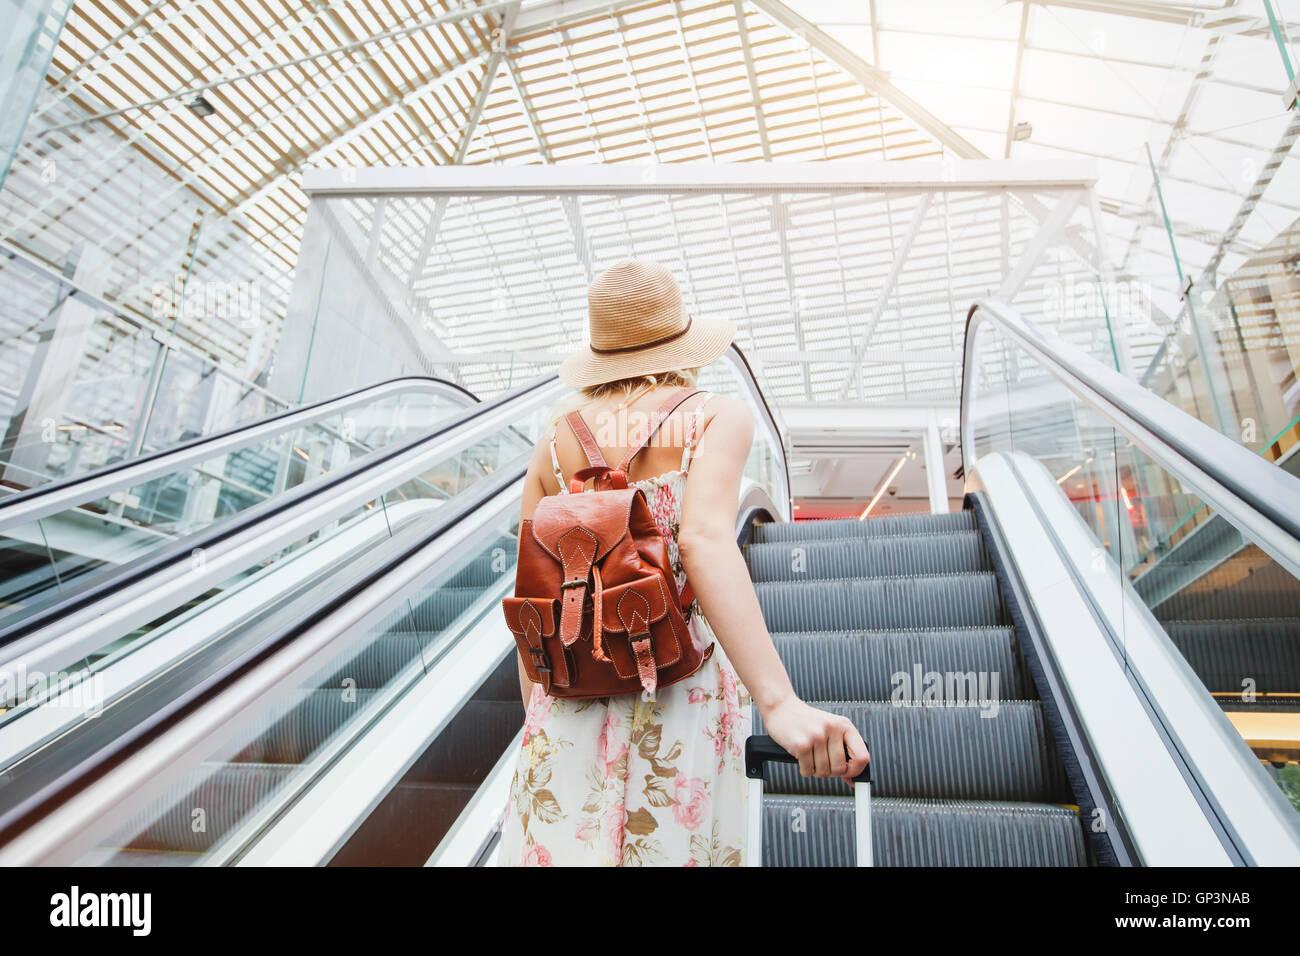 Femme de l'aéroport moderne, les personnes voyageant avec une assurance Photo Stock